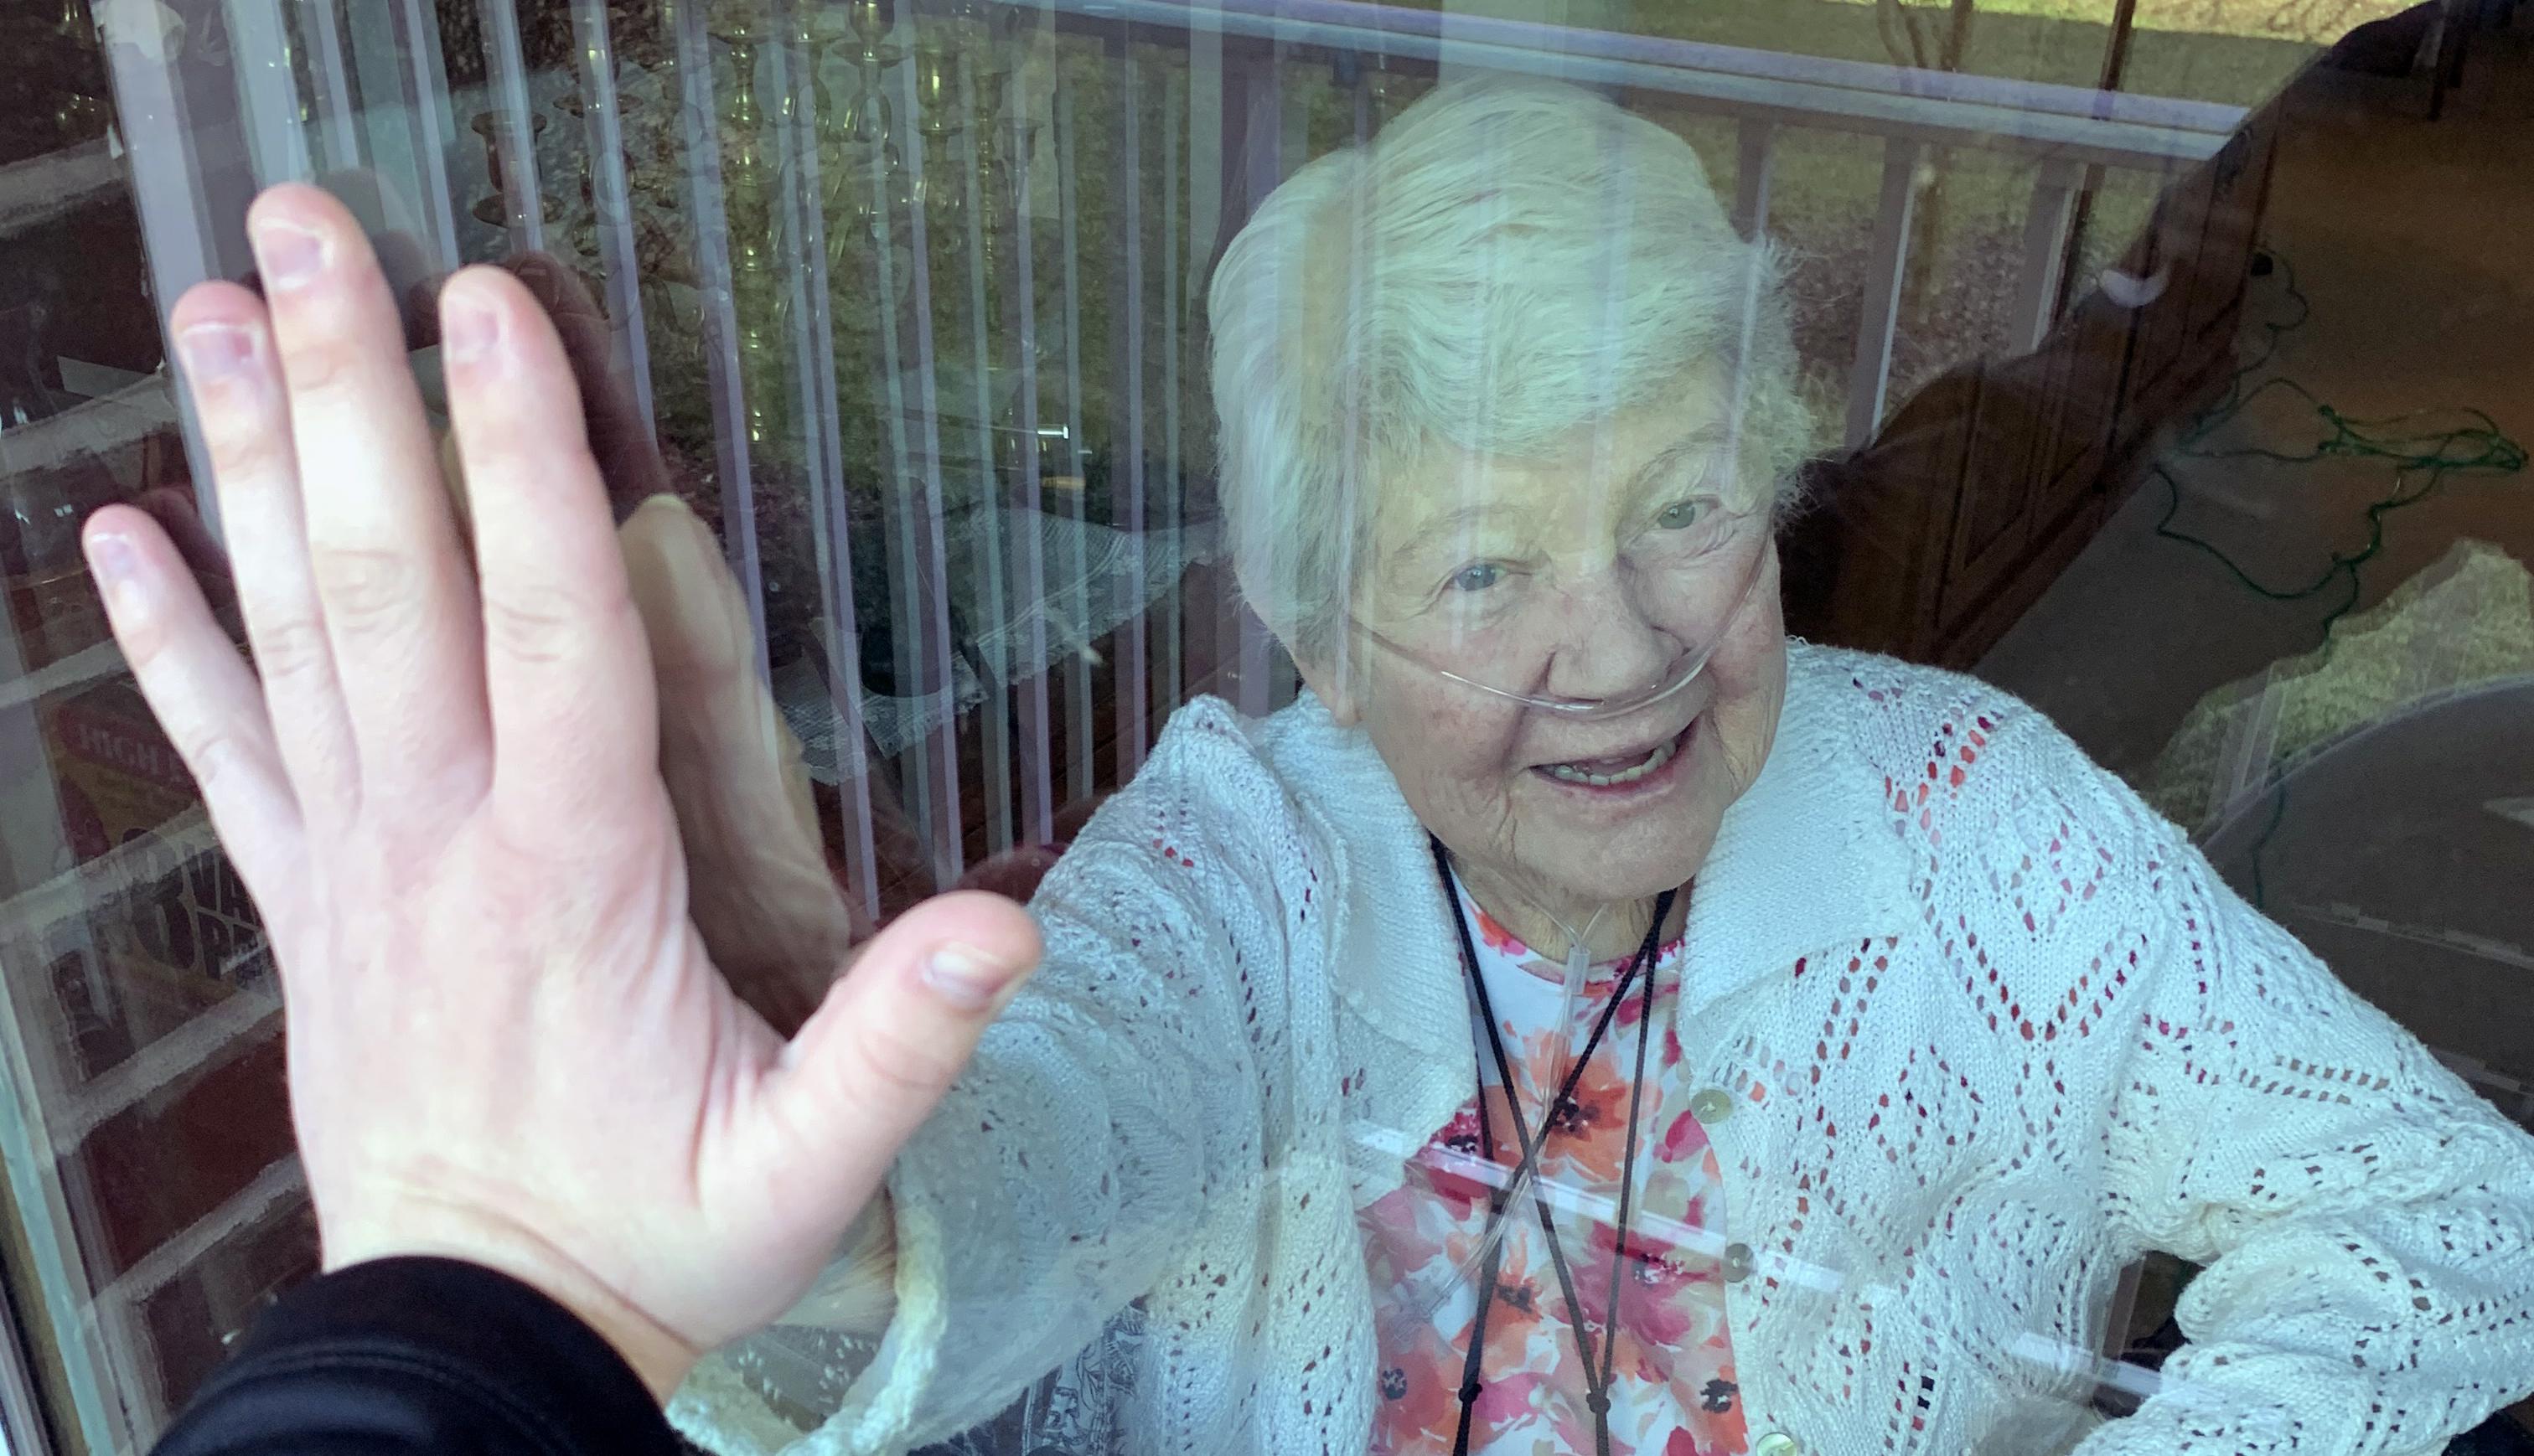 Un residente de un hogar de ancianos y una persona fuera de la ventana superponen las manos a ambos lados del cristal